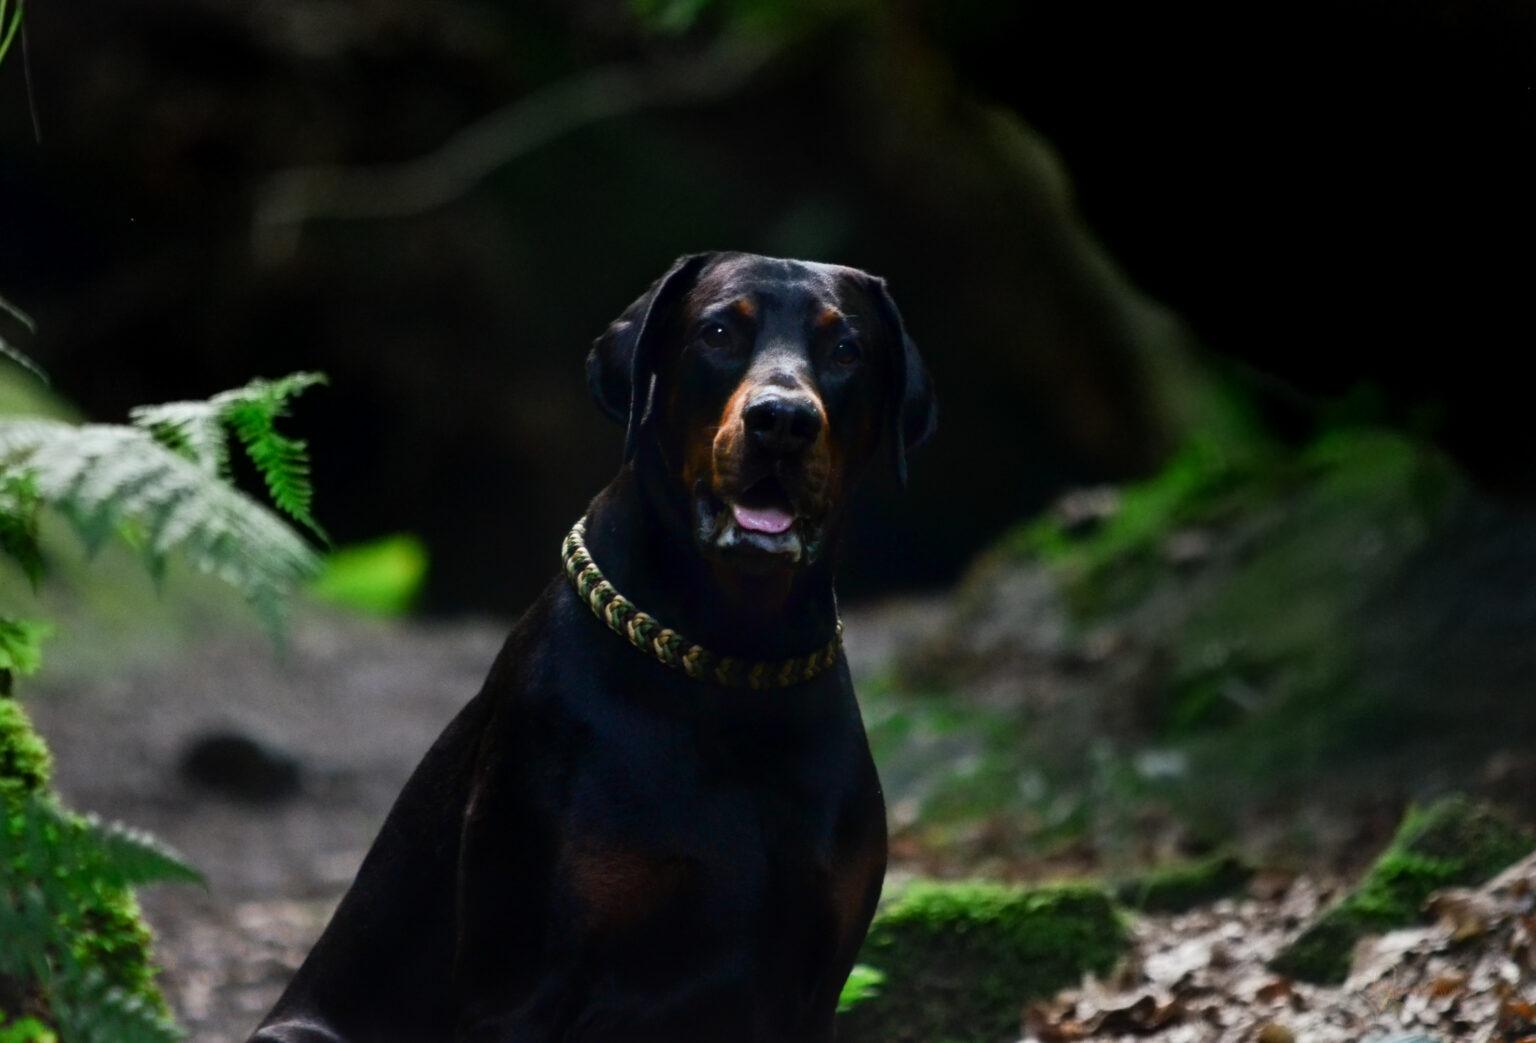 Ob Dobermann oder Zwergspitz, in der richtigen Cordstärke können die Halsbänder einfach von jedem Hund getragen werden.